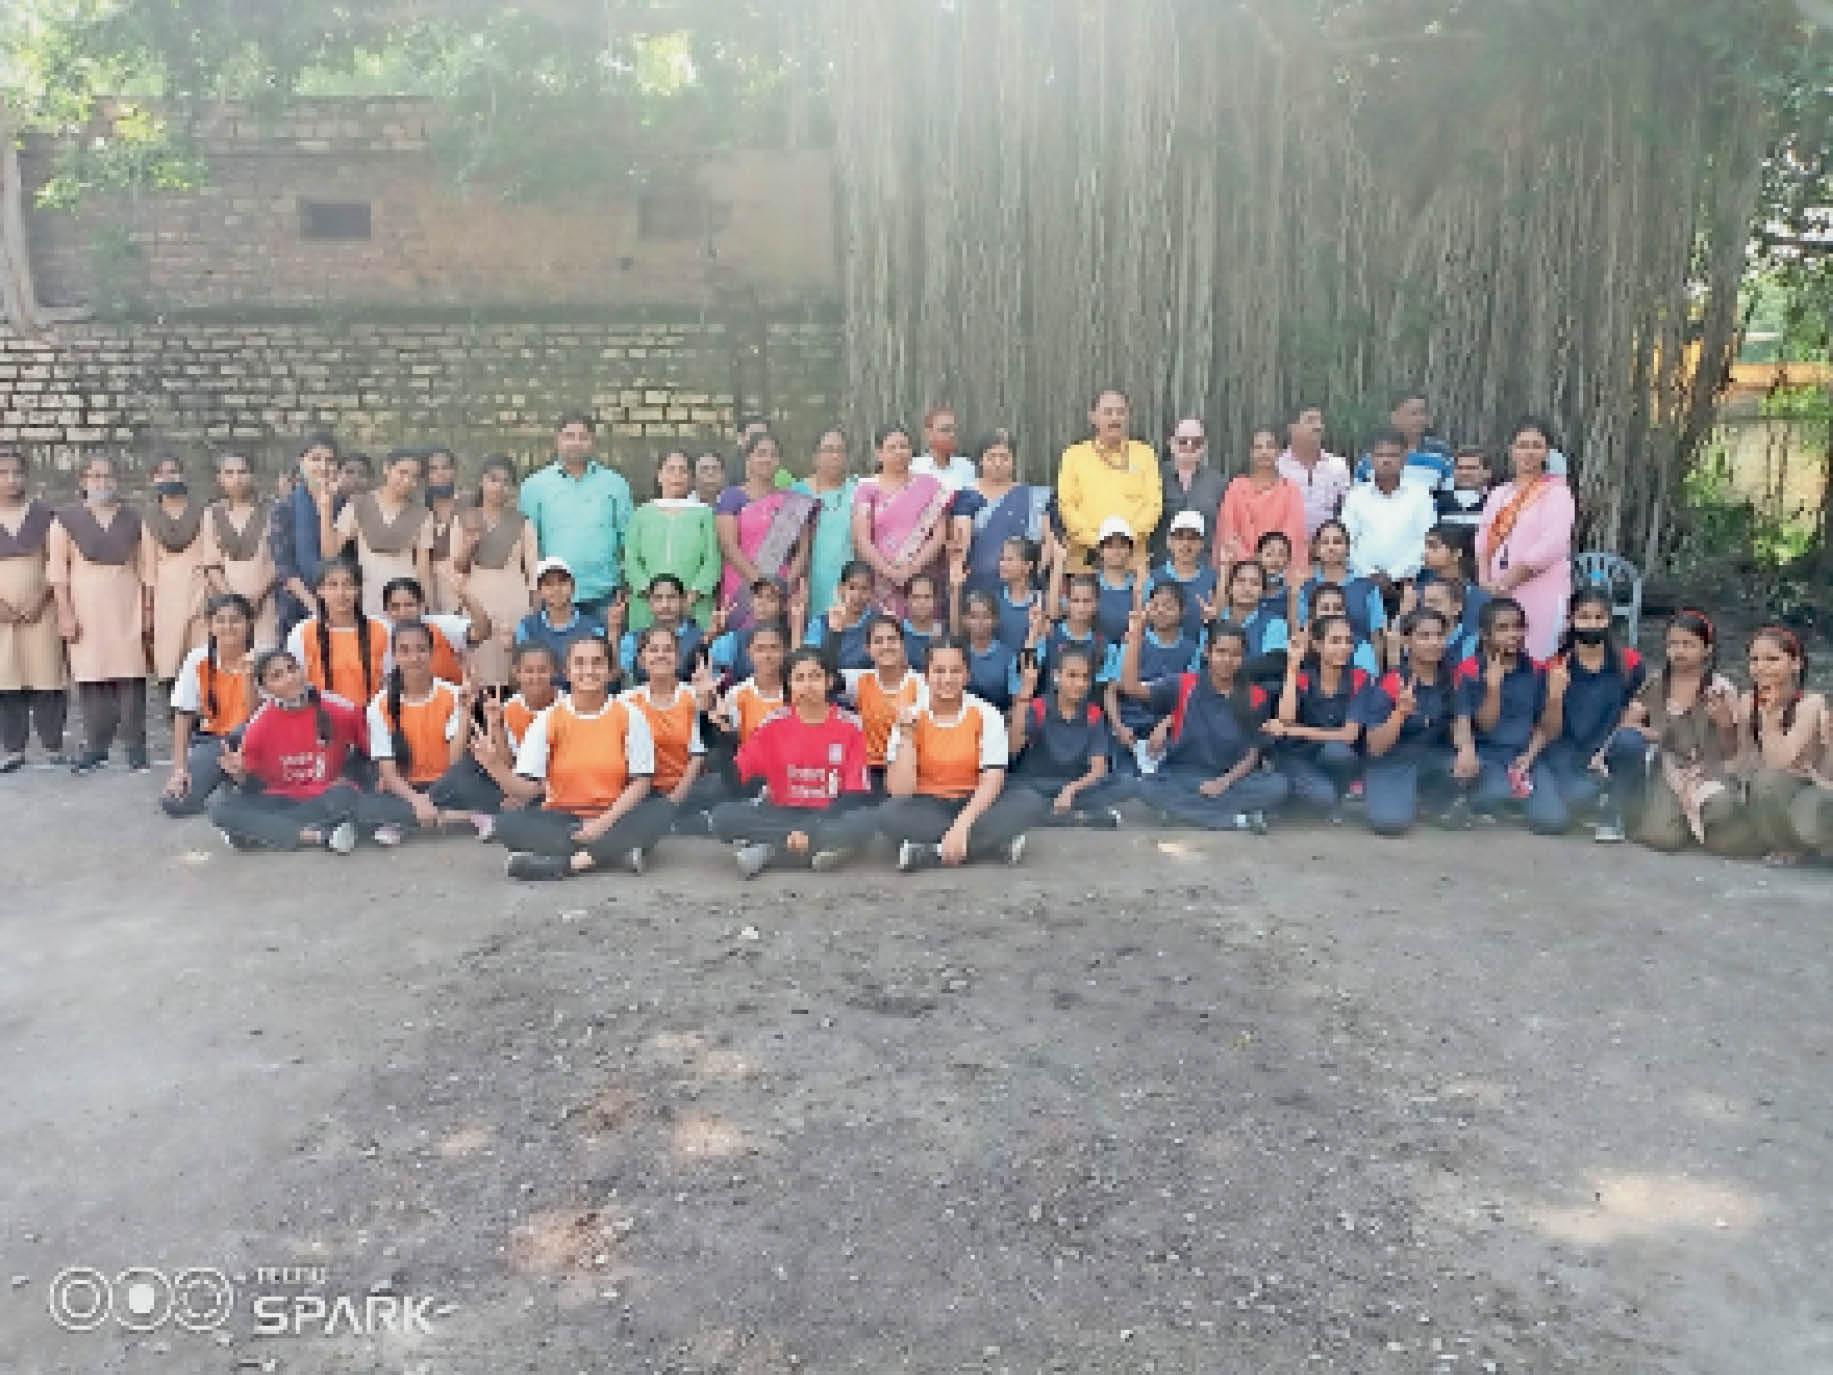 सरकारी स्कूलों के खिलाड़ियों में उत्साह, निजी में रुझान नहीं|कोटा,Kota - Dainik Bhaskar